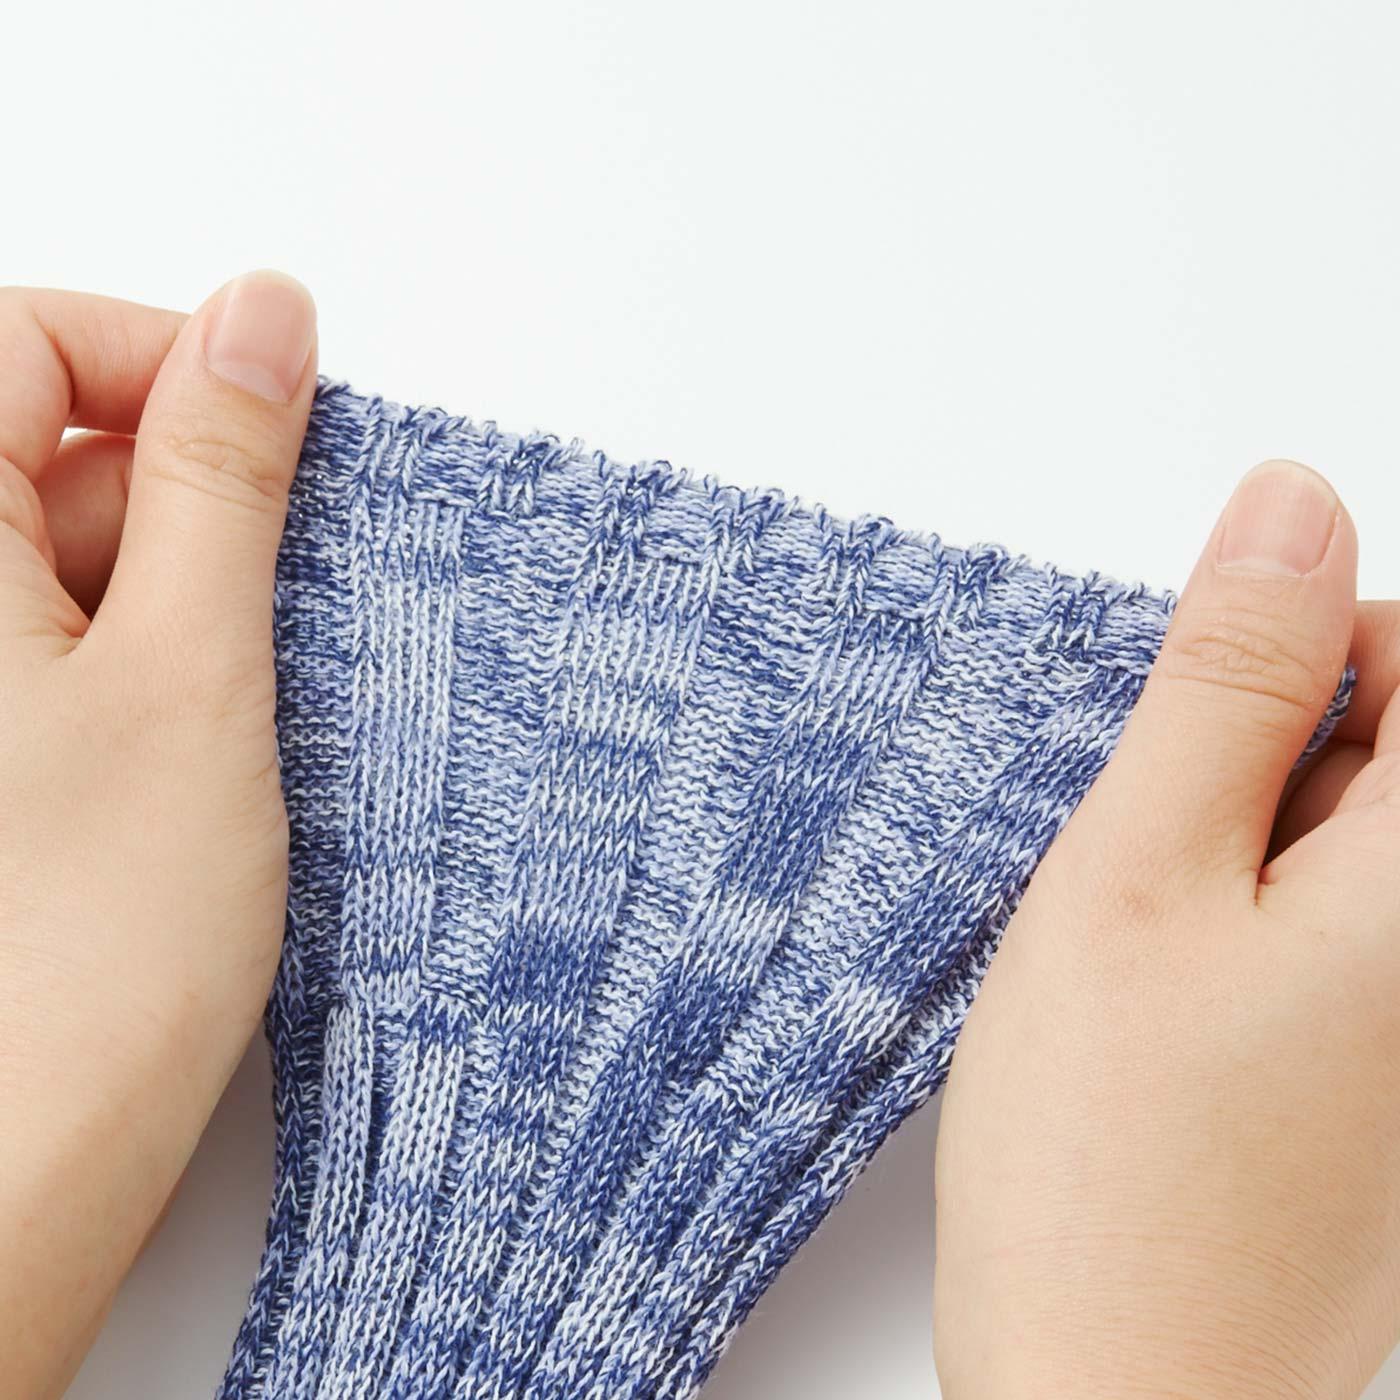 二の腕部分は編み方を変えて、ゆったりフィットするくい込みにくい仕様。